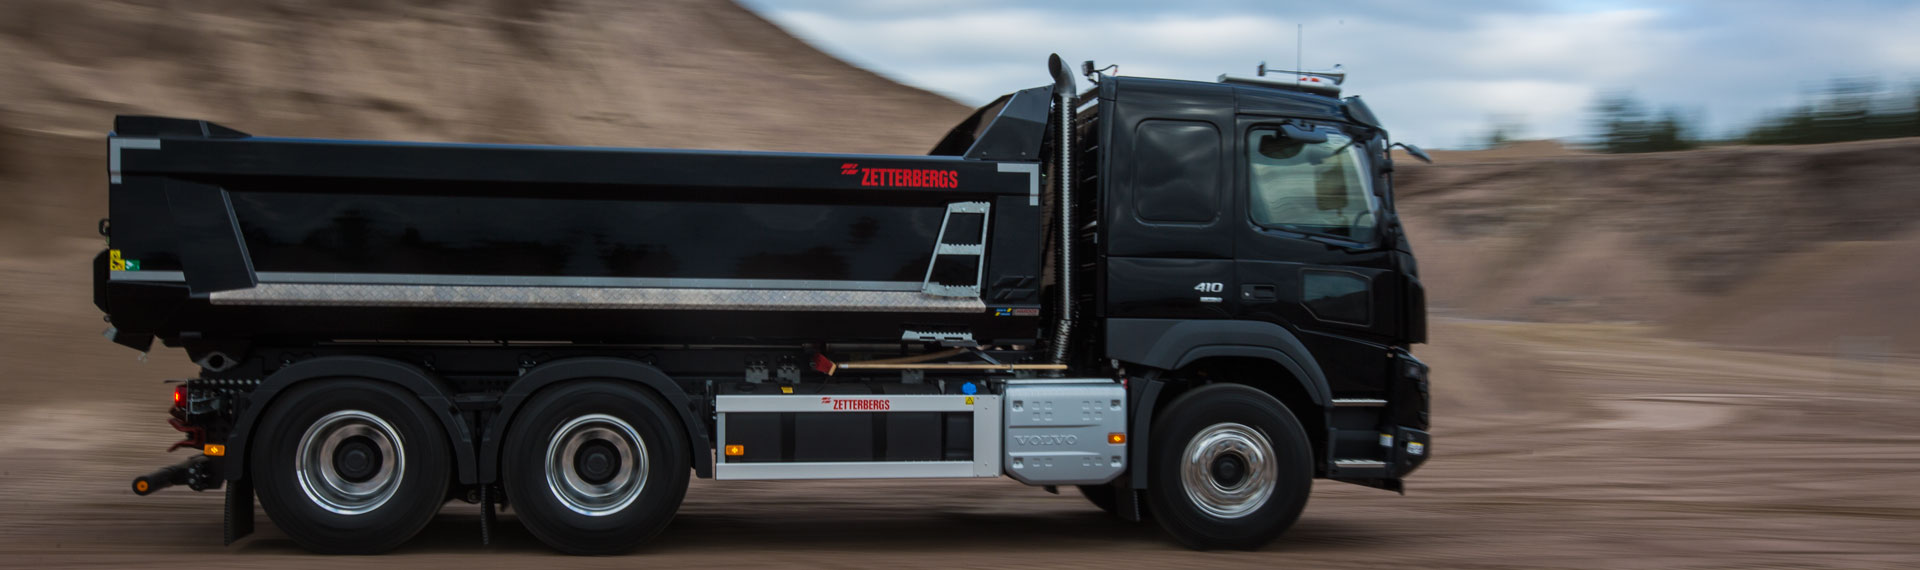 사이드 패널이 원추형인 덤프 트럭을 Hardox 500 Tuf 제품으로 제작